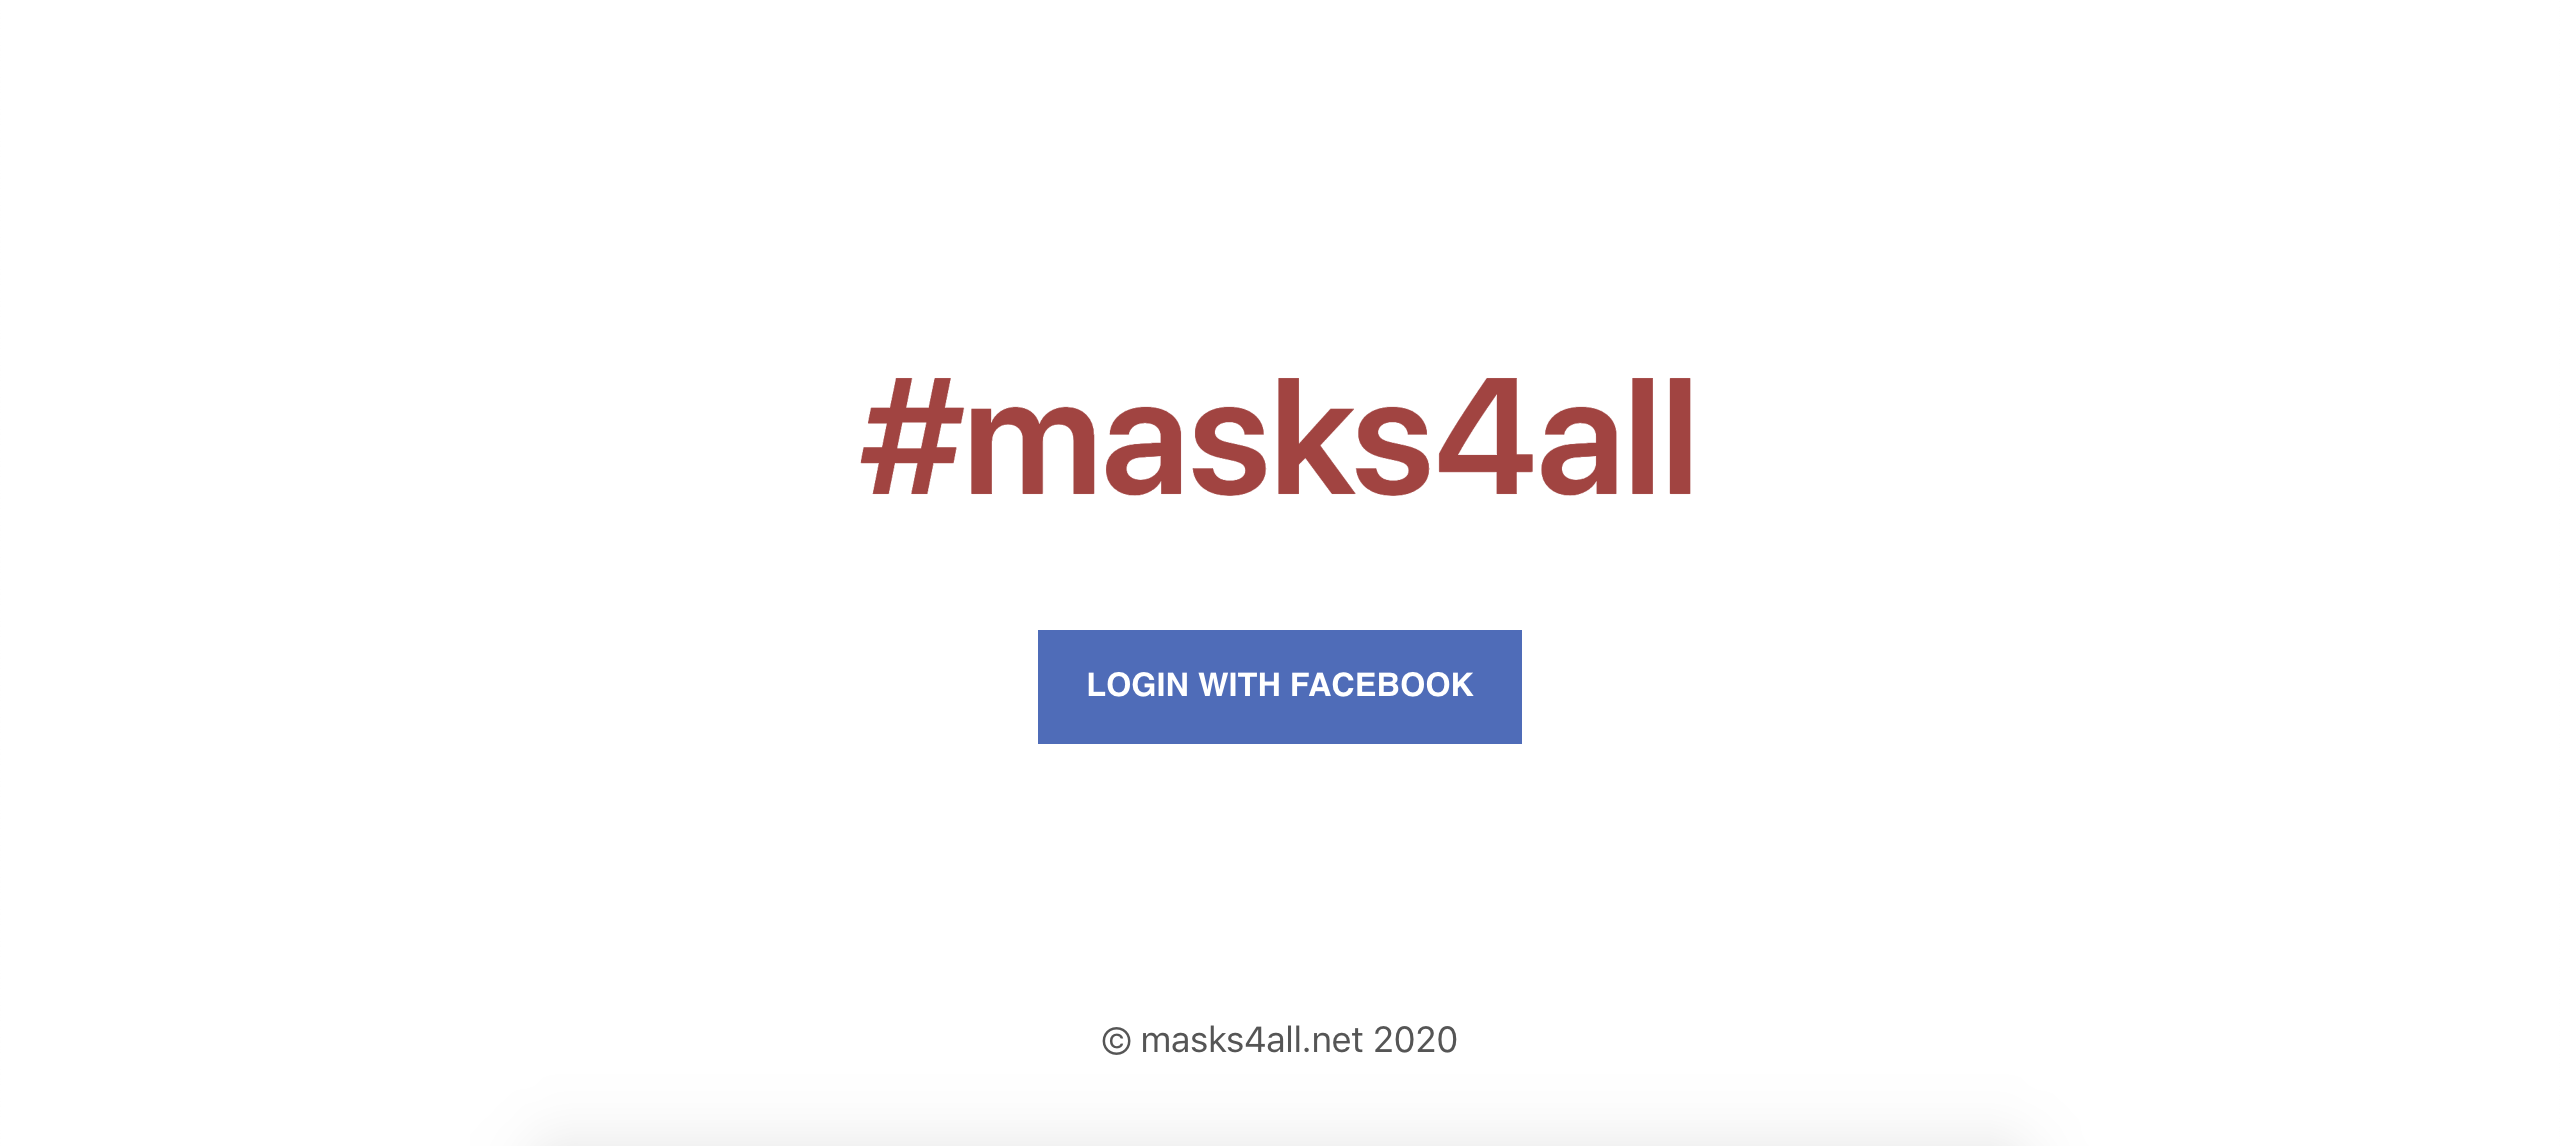 masks4all